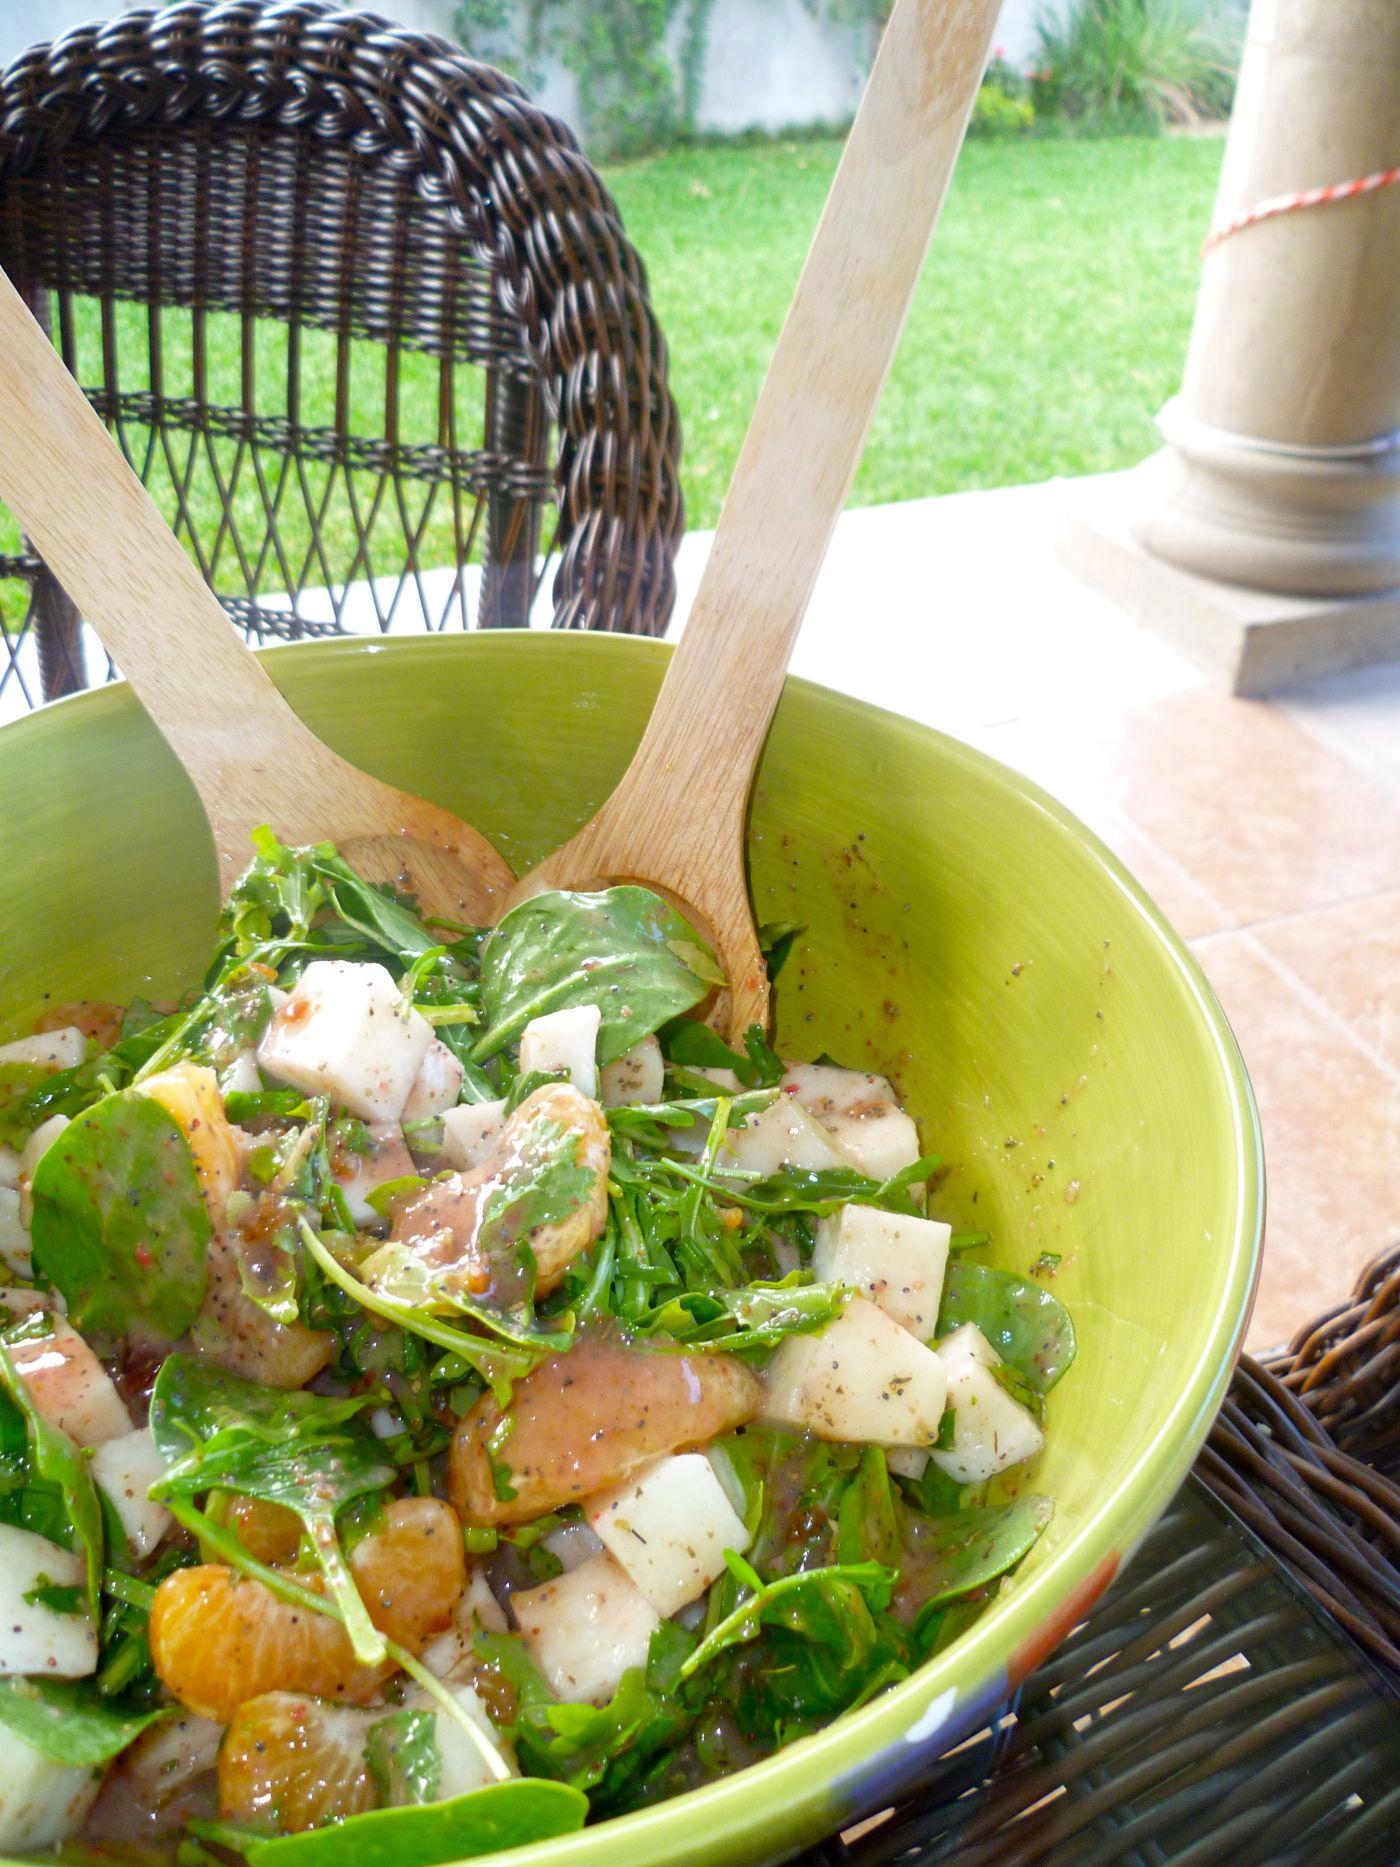 Berry tangerine salad